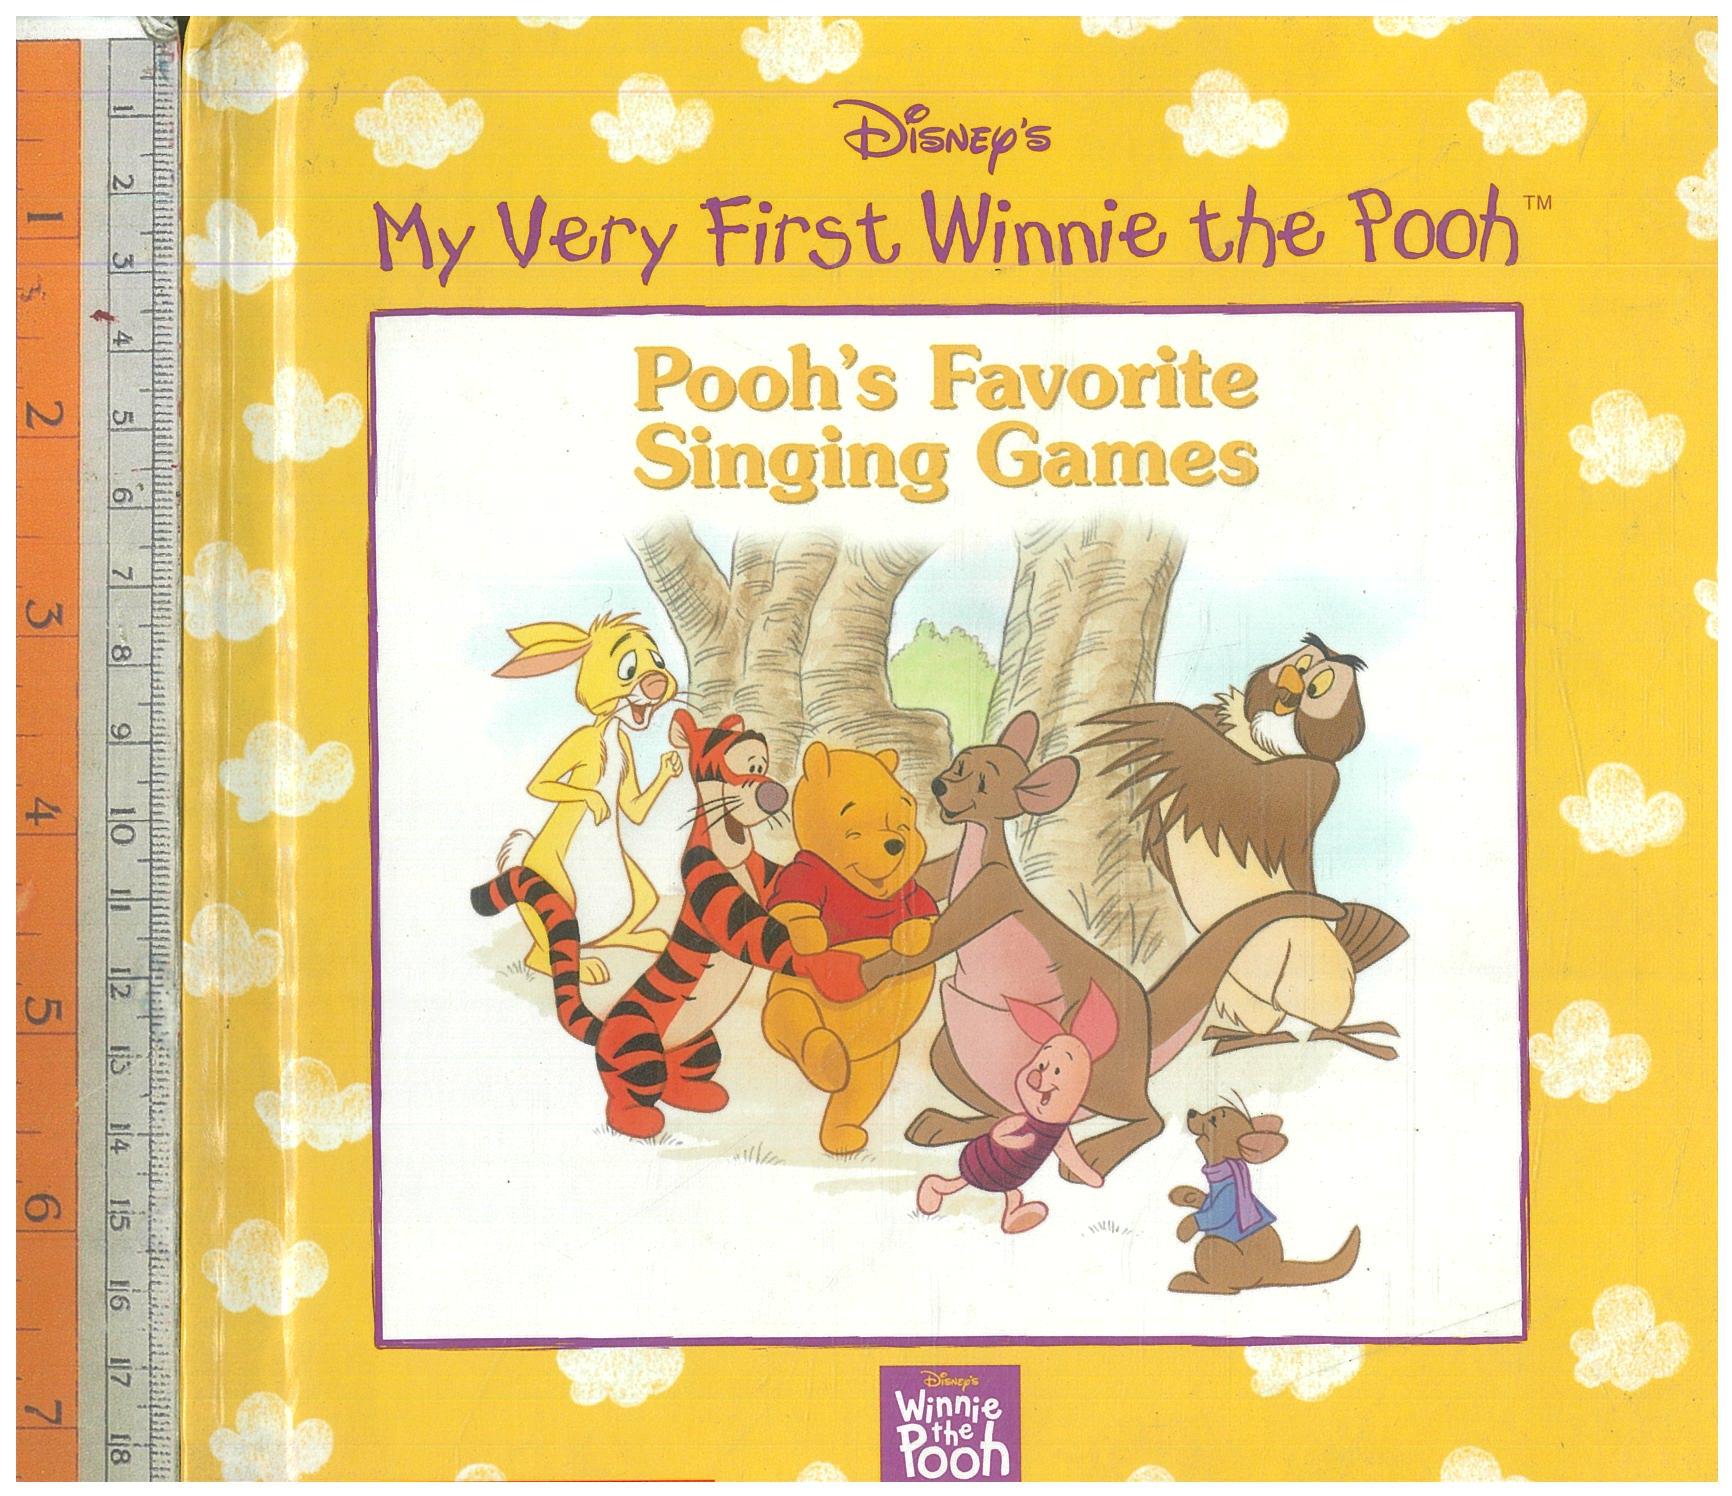 Pooh's Favorite Singing Game